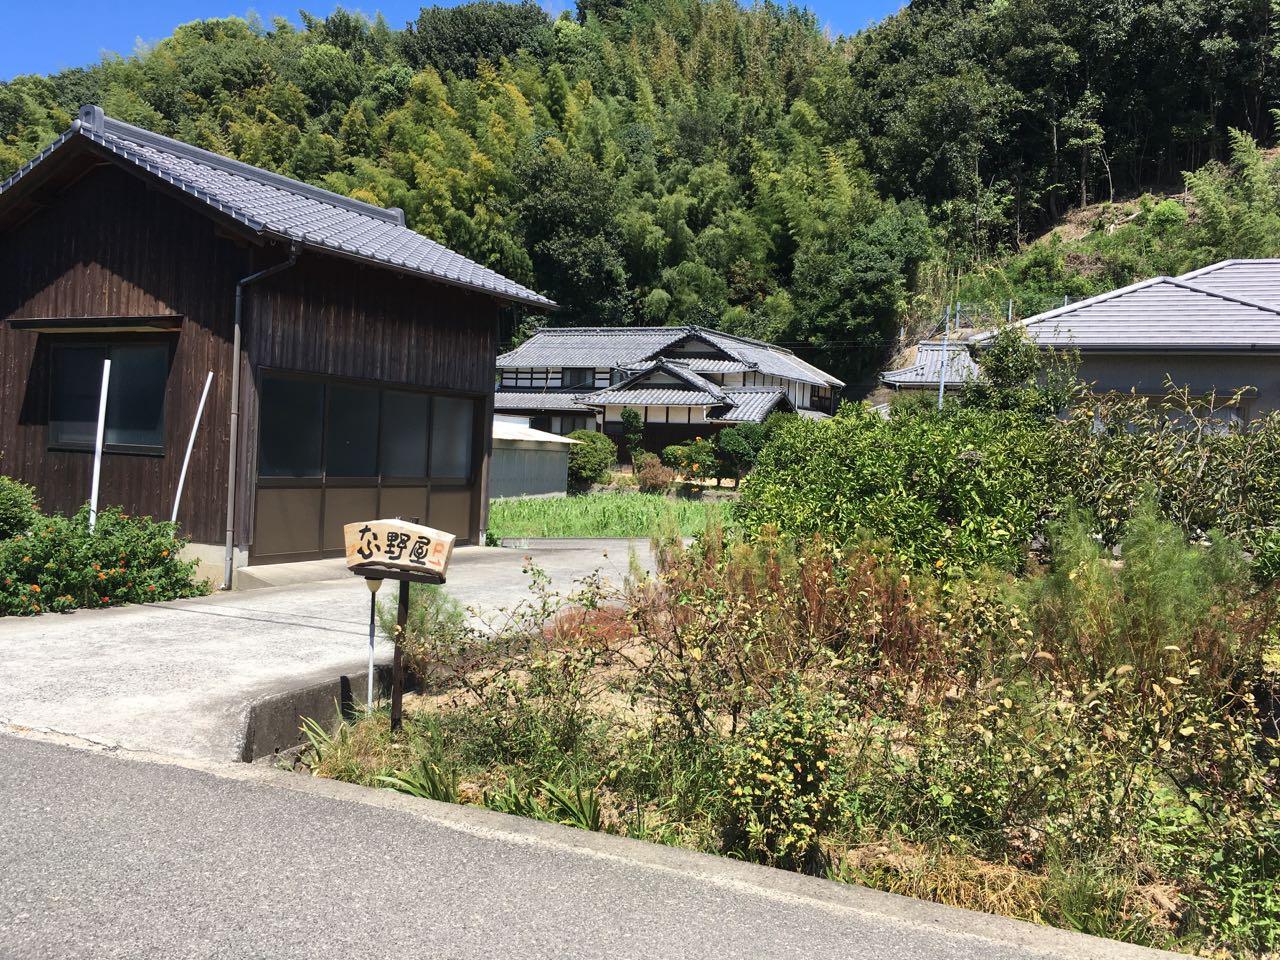 みとん今治,な野屋,菊間,古民家,オシャレ,ランチ,加茂神社